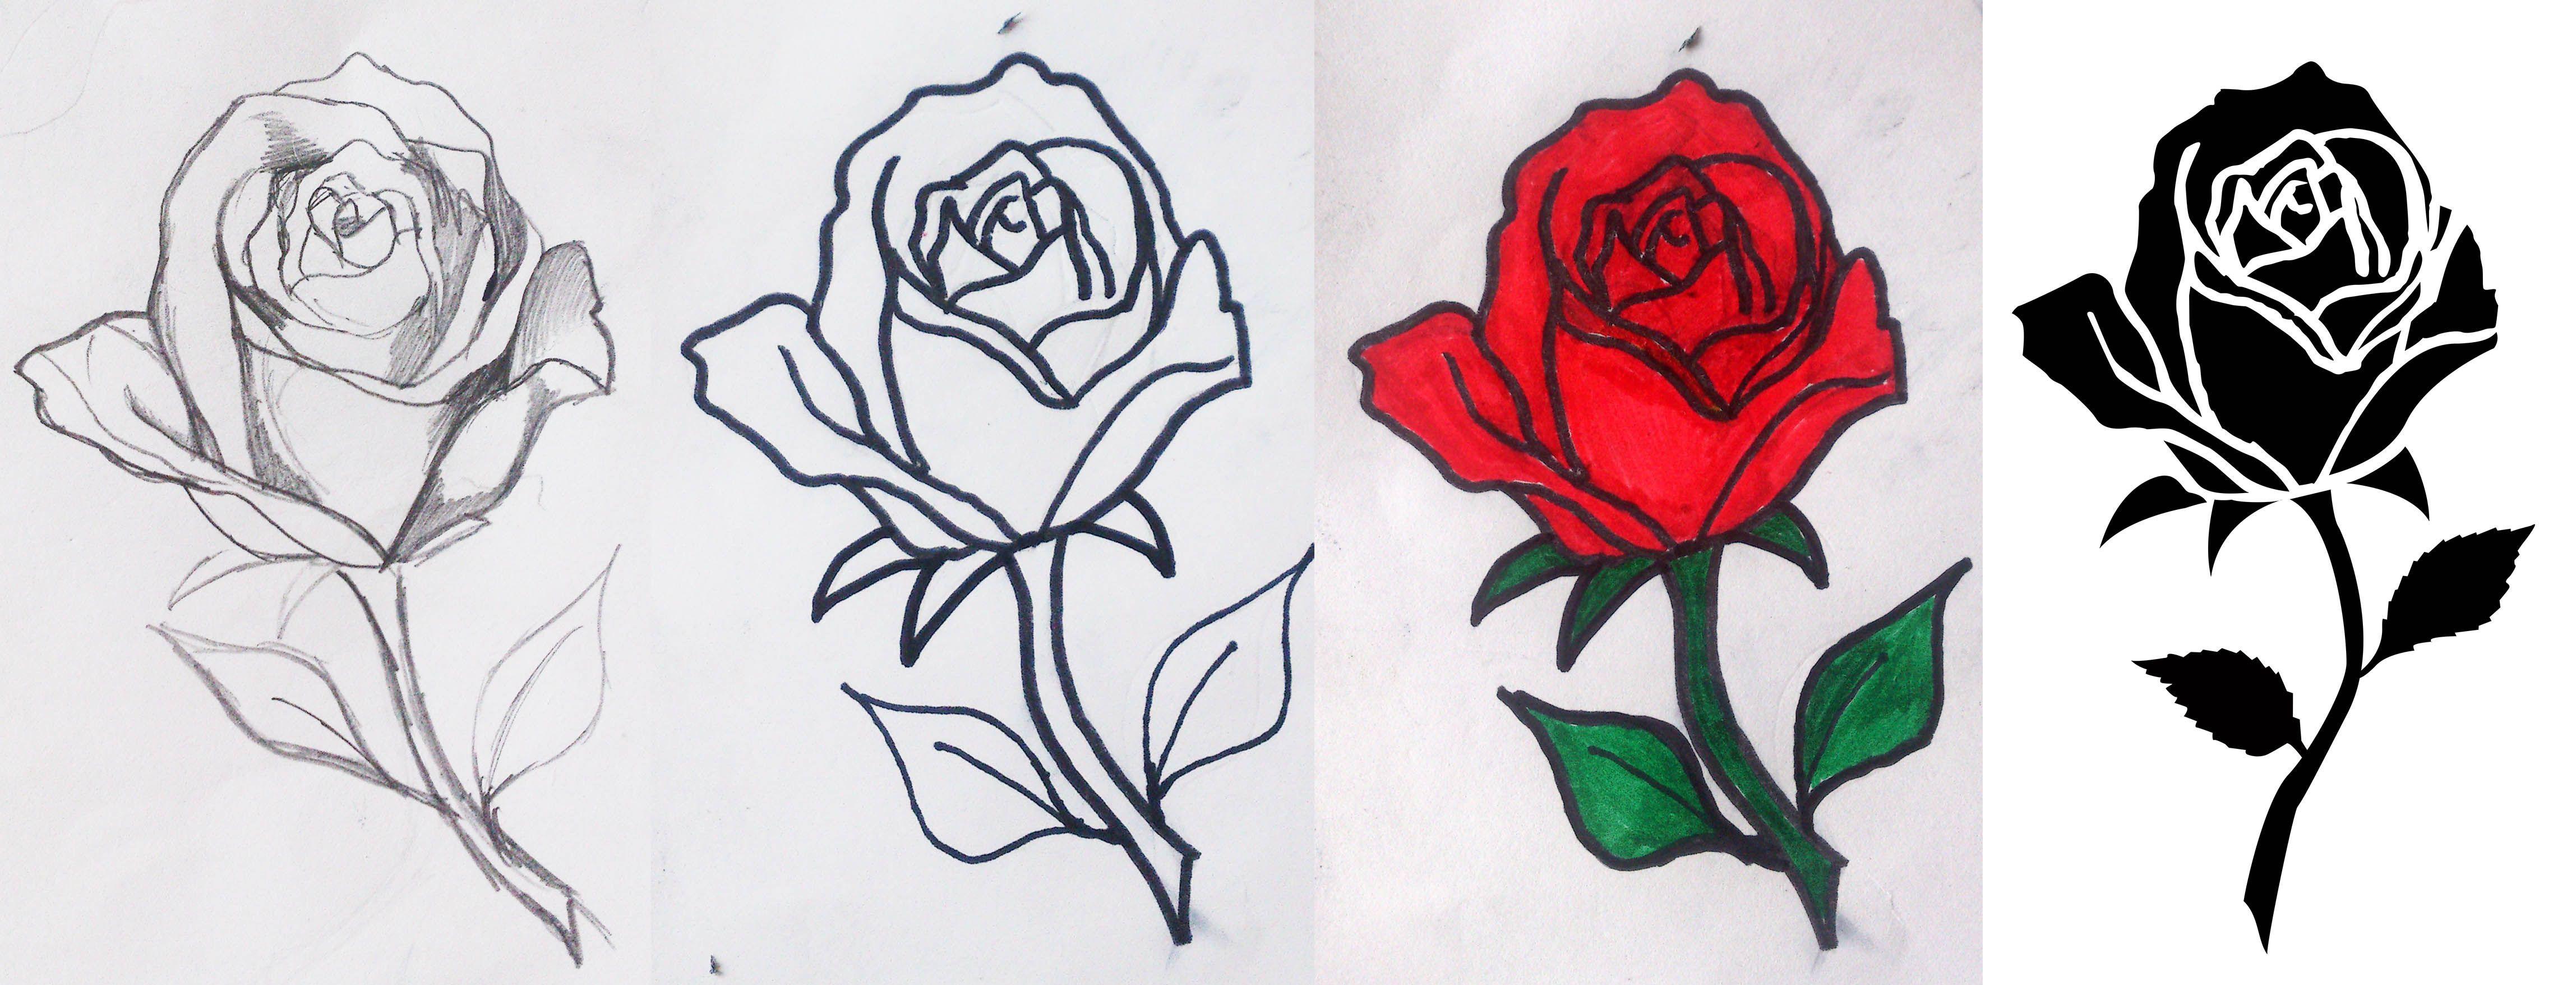 Concepto De Rosa Para Un Tatuaje Desde El Dibujo Hasta Su Conversion A Curvas Dibujos Tatuajes Y Arte